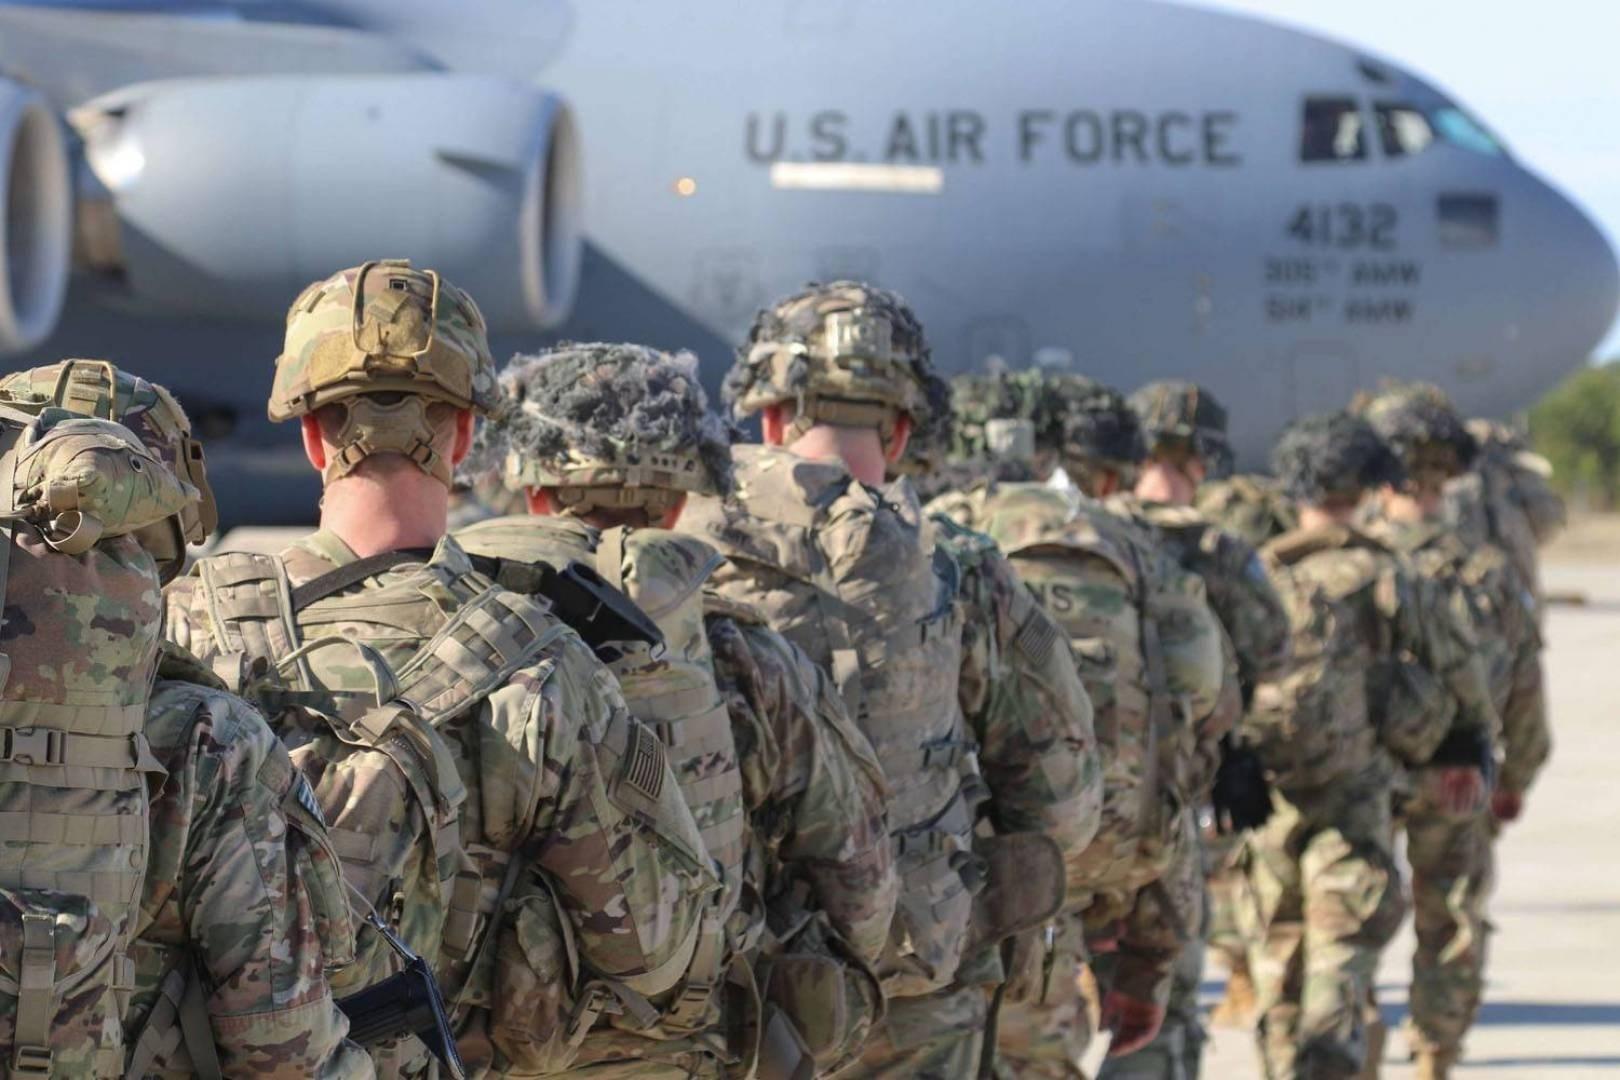 كتائب سيد الشهداء: لضرورة عدم بقاء أي جندي أميركي في العراق